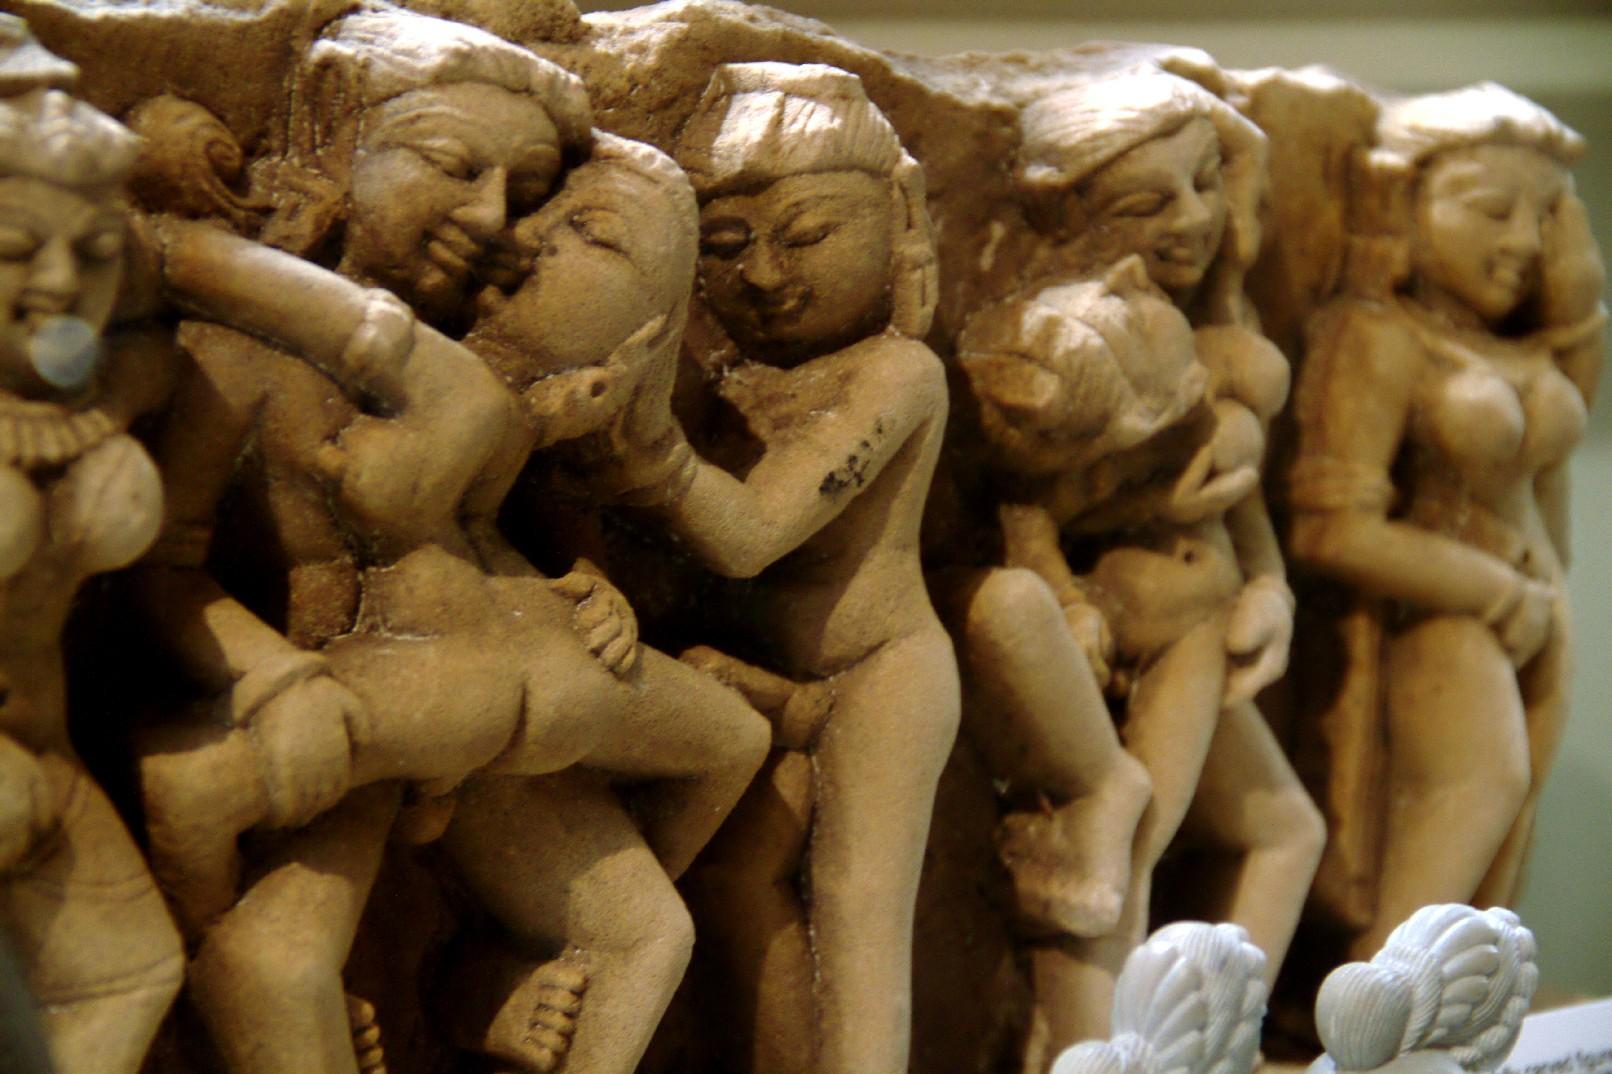 Detalhe de umas das peças do World Erotic Art Museum, em Miami (foto: Eduardo Vessoni)